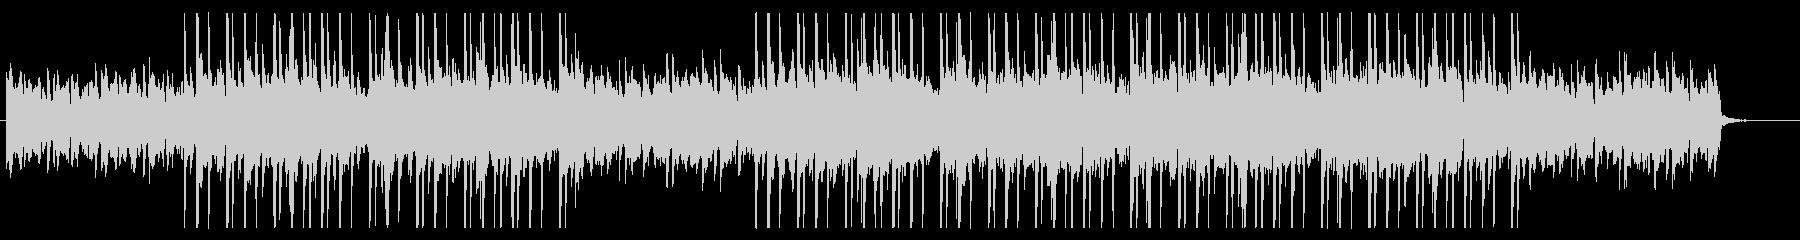 おしゃれなピアノ ギターHipHopの未再生の波形